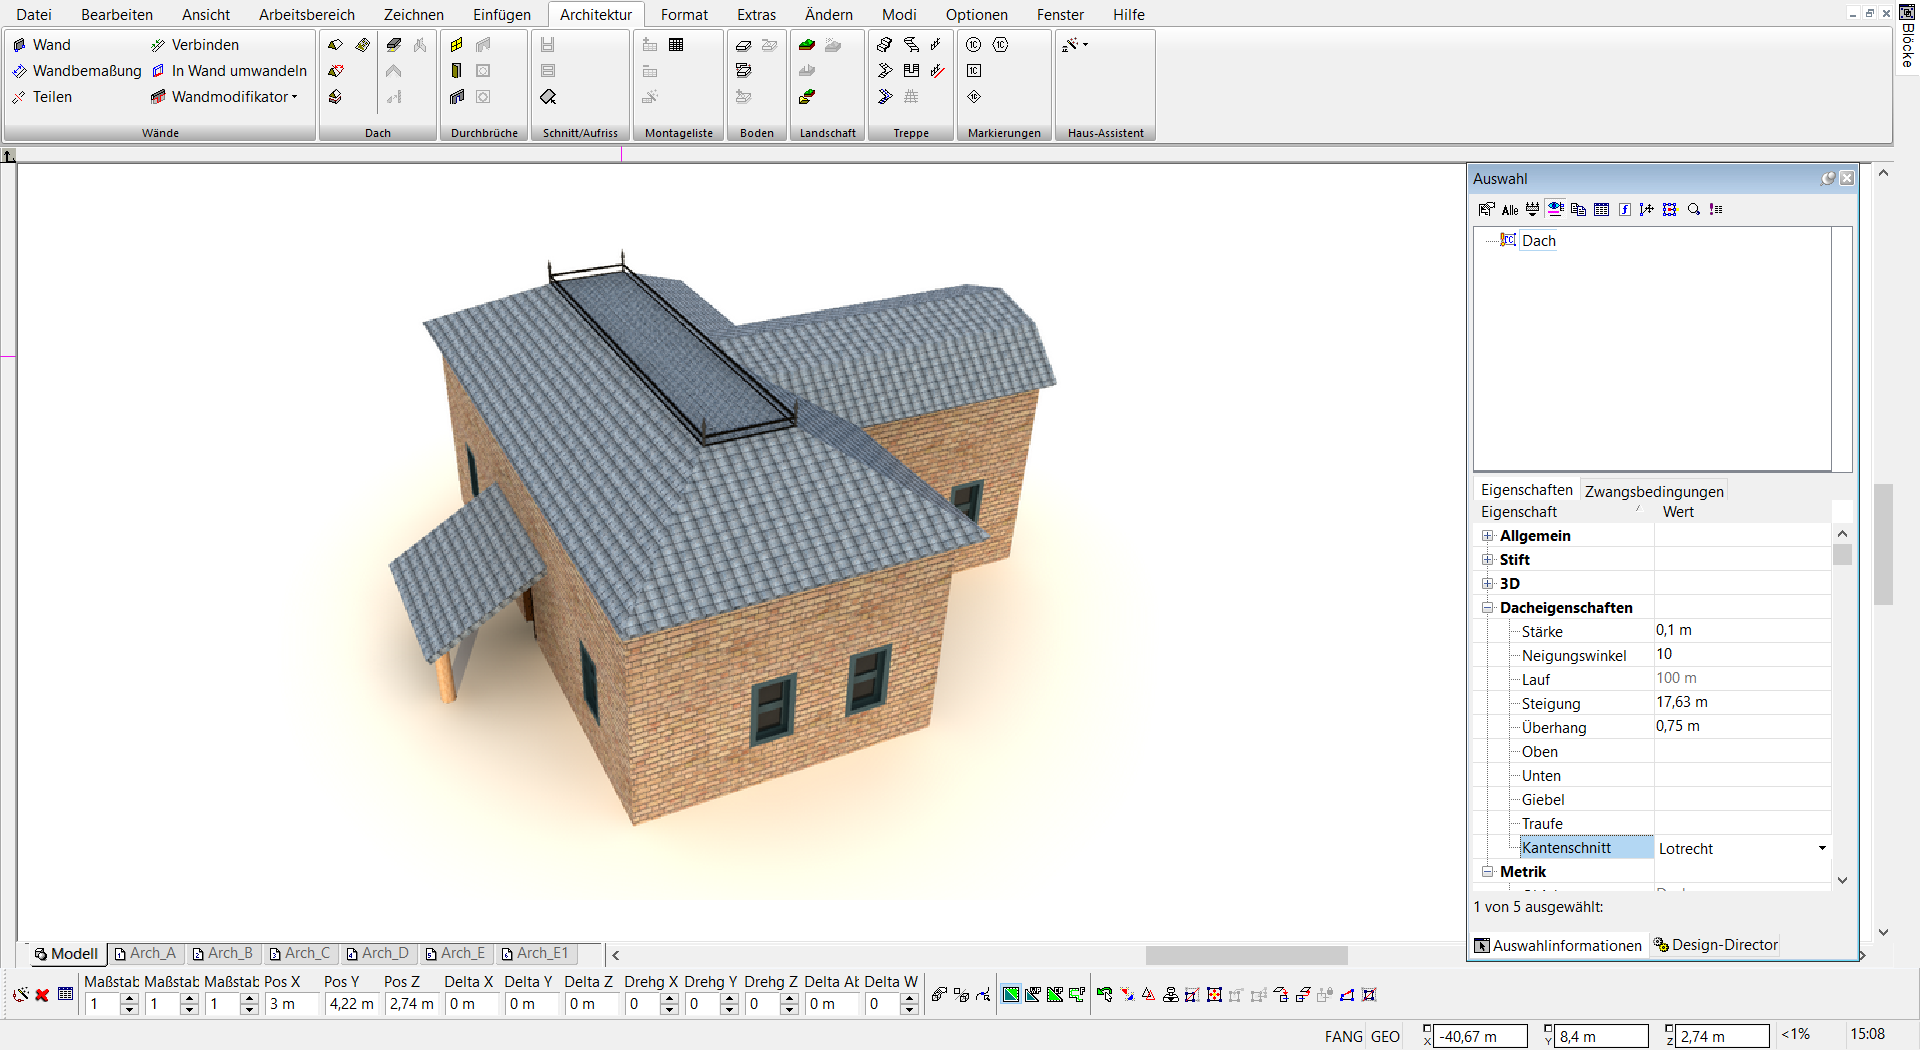 TurboCAD 2D 3D Haus Assistent